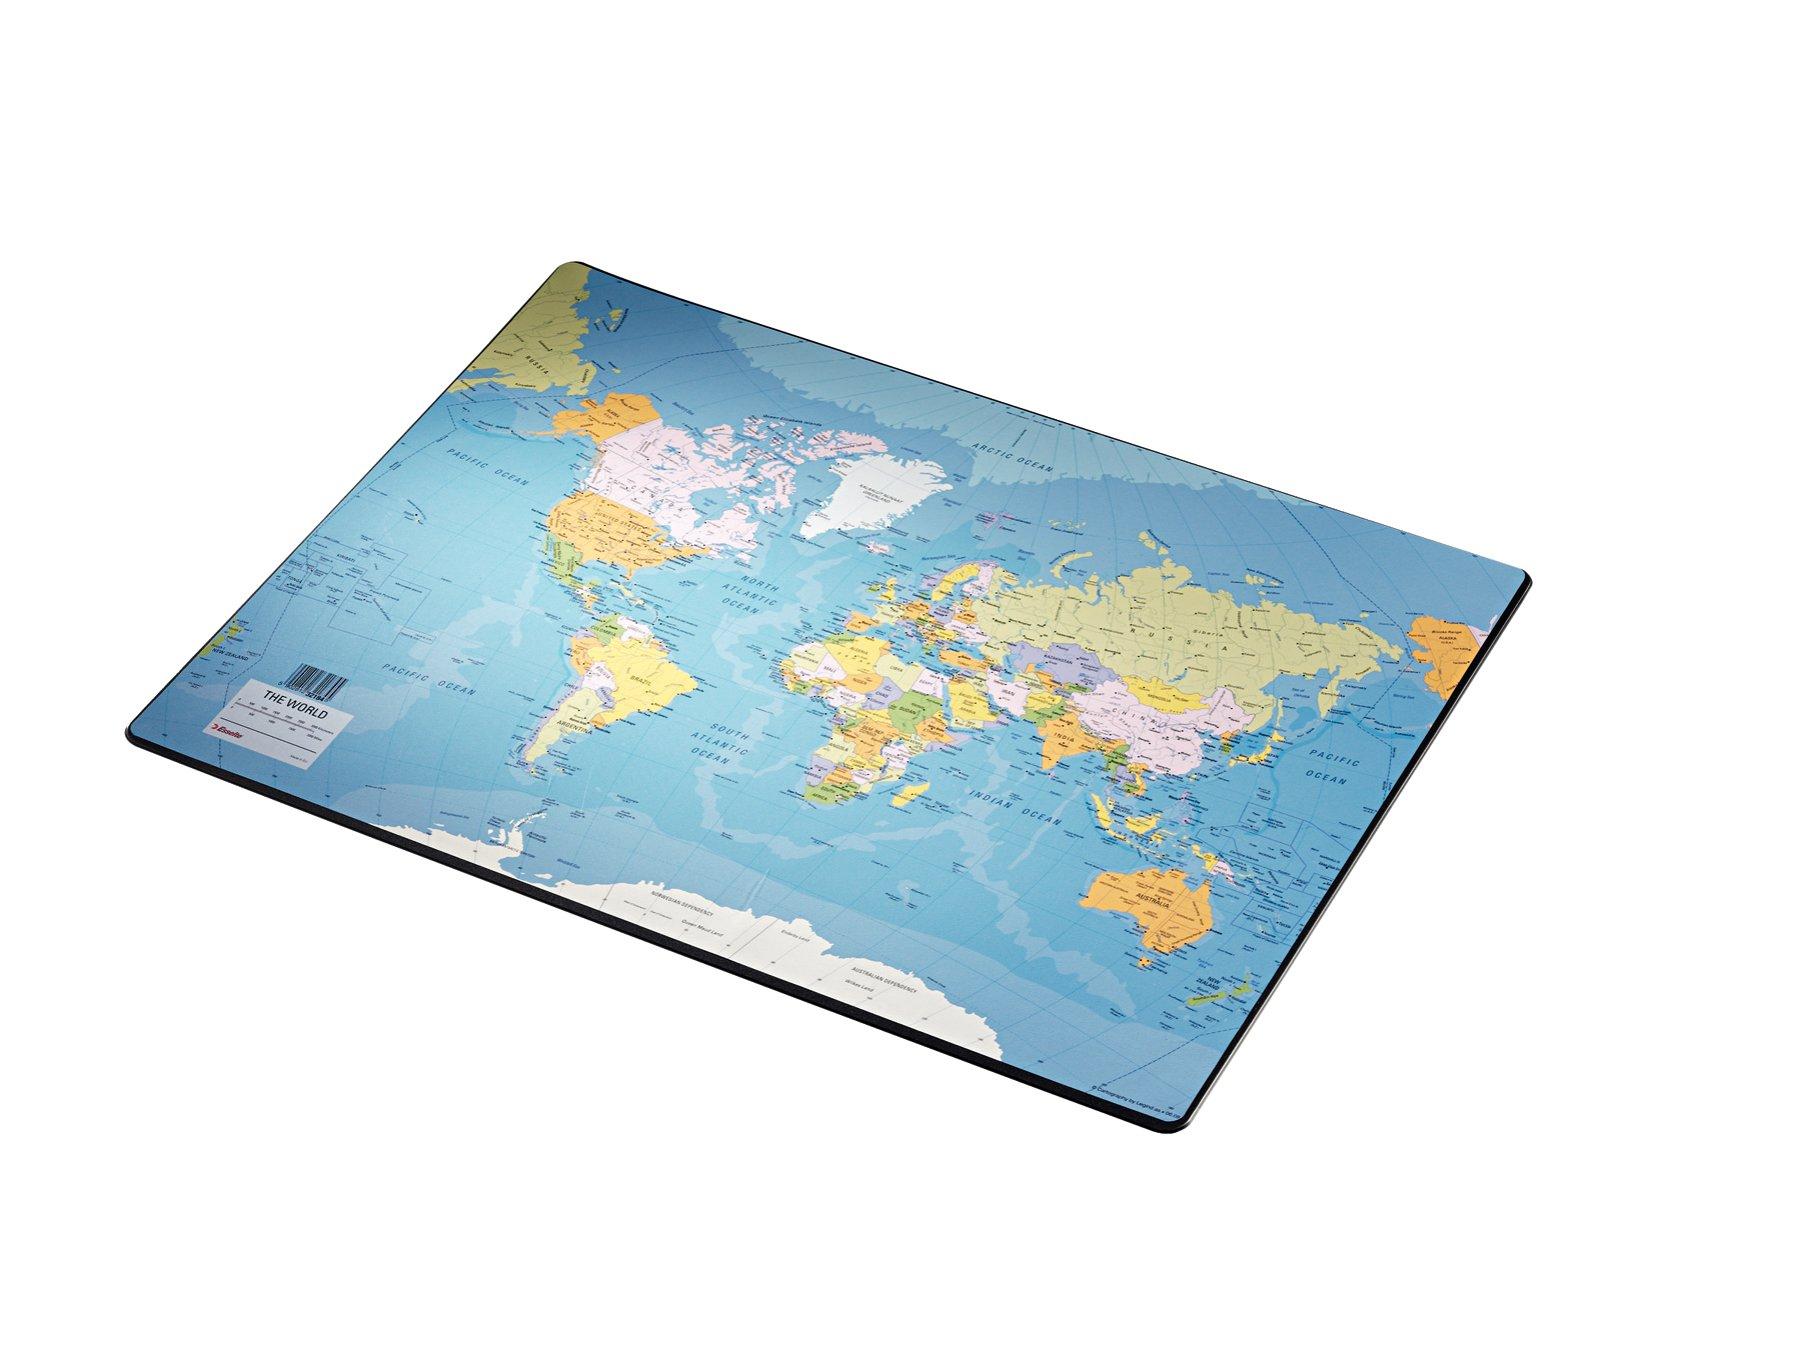 Esselte Vade de escritorio, Mapa del mundo, 40x53cm, Plástico, Europost, 32186: Amazon.es: Oficina y papelería